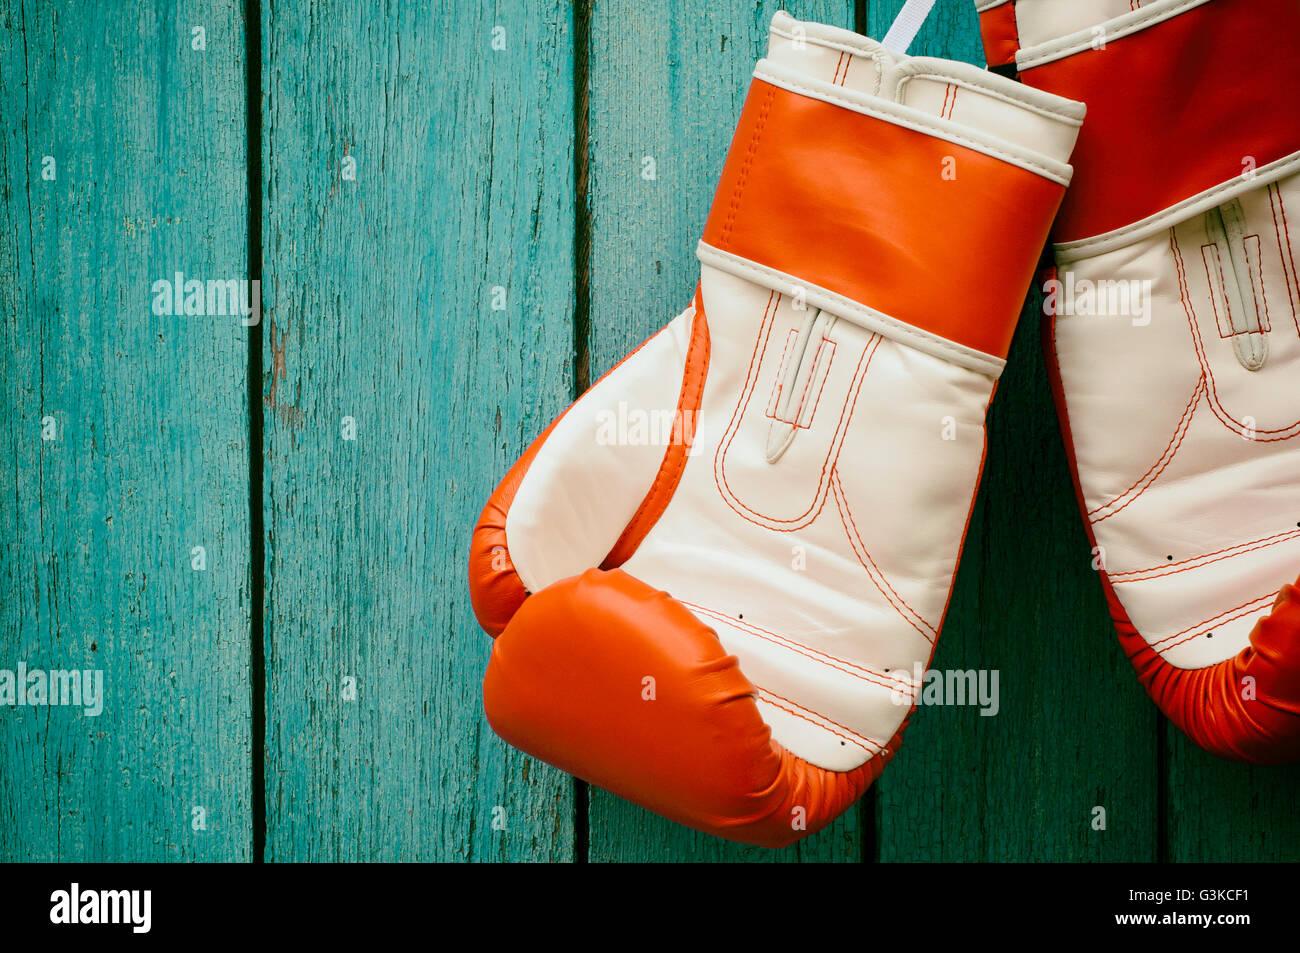 Vintage sfondo di legno con un paio di guanti da pugilato, tonificante Immagini Stock